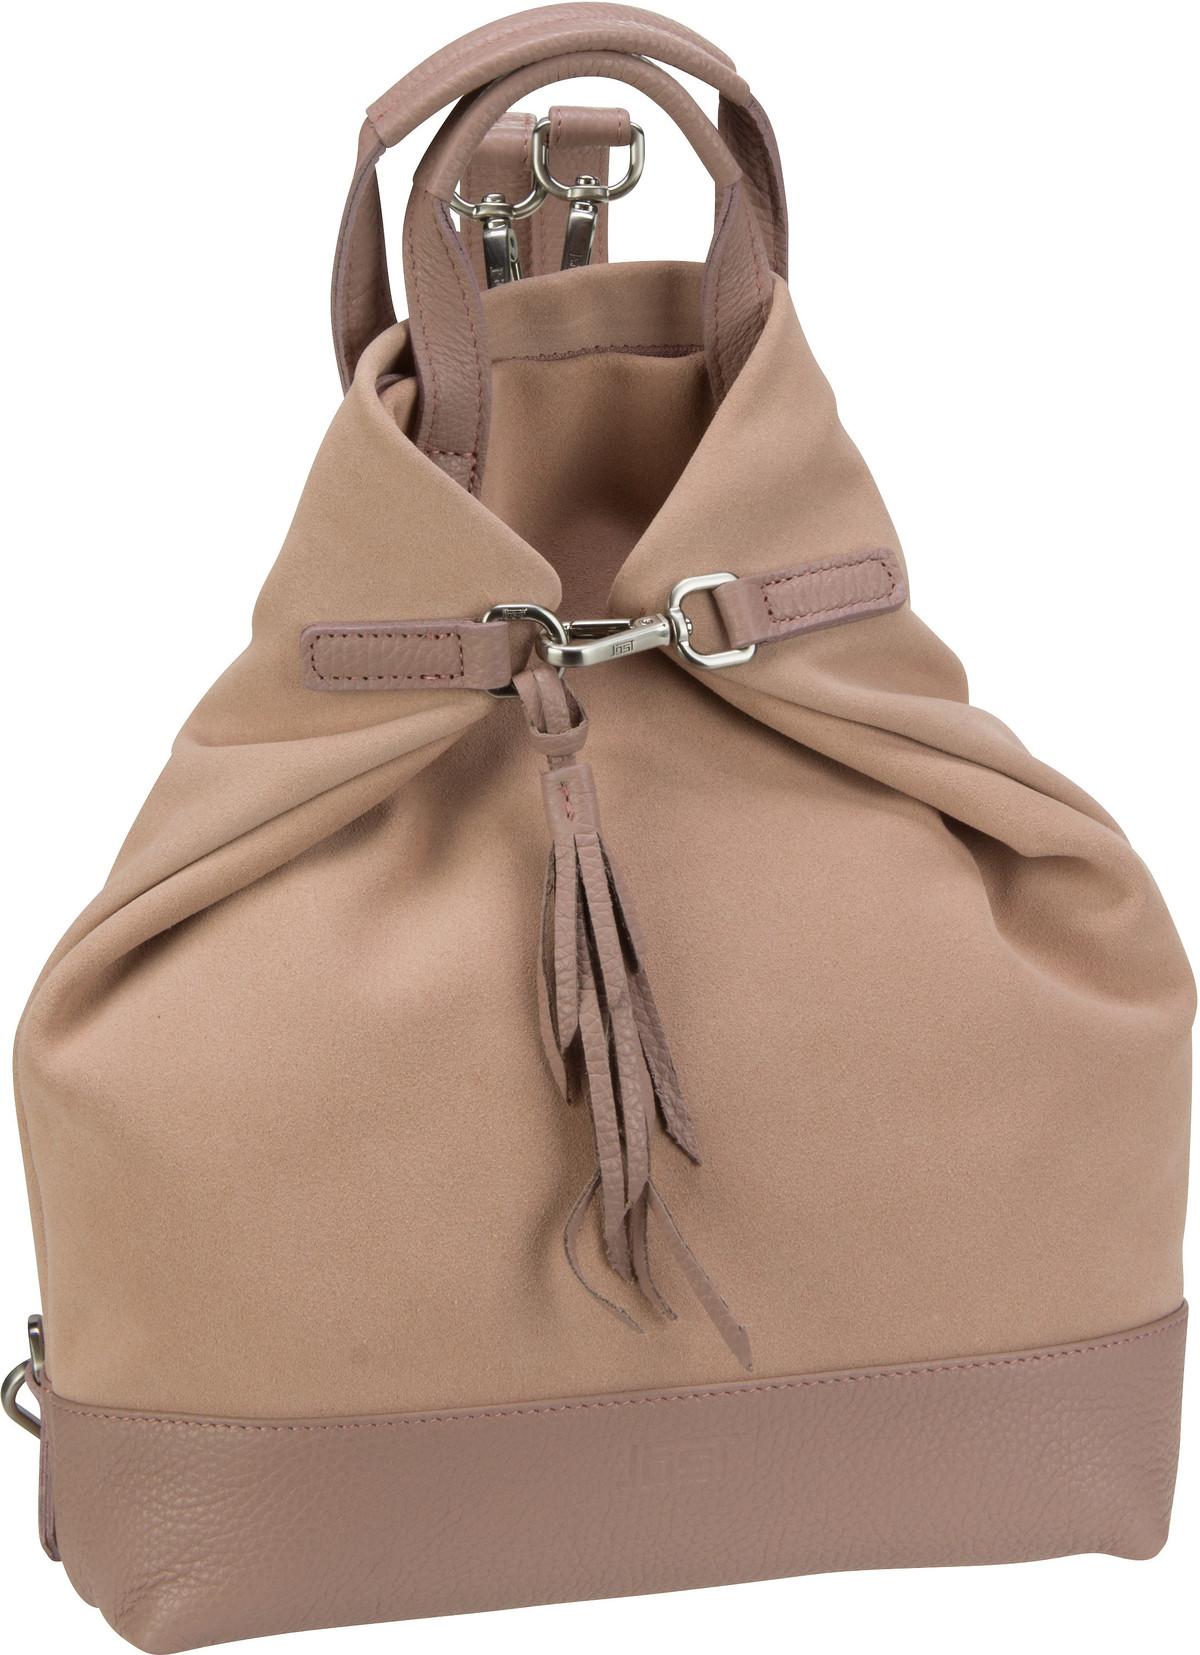 Rucksack / Daypack Motala 1729 X-Change 3in1 Bag XS Rosewood